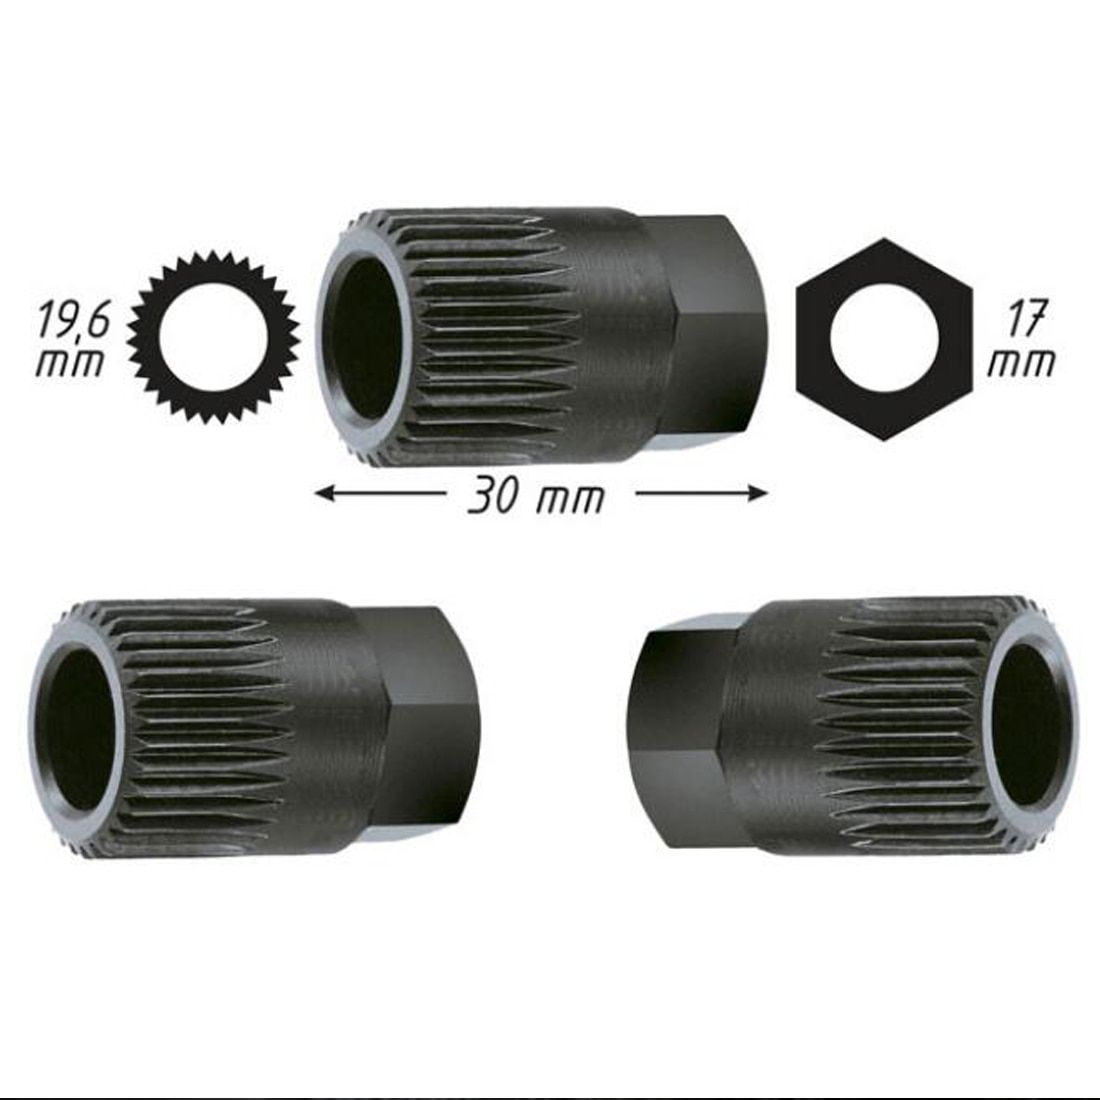 Lichtmaschine Kupplung Freies Riemenscheibe Removal Tool 33 Spline für VW/AUDI/FORD für PEUGEOT 33TxH17